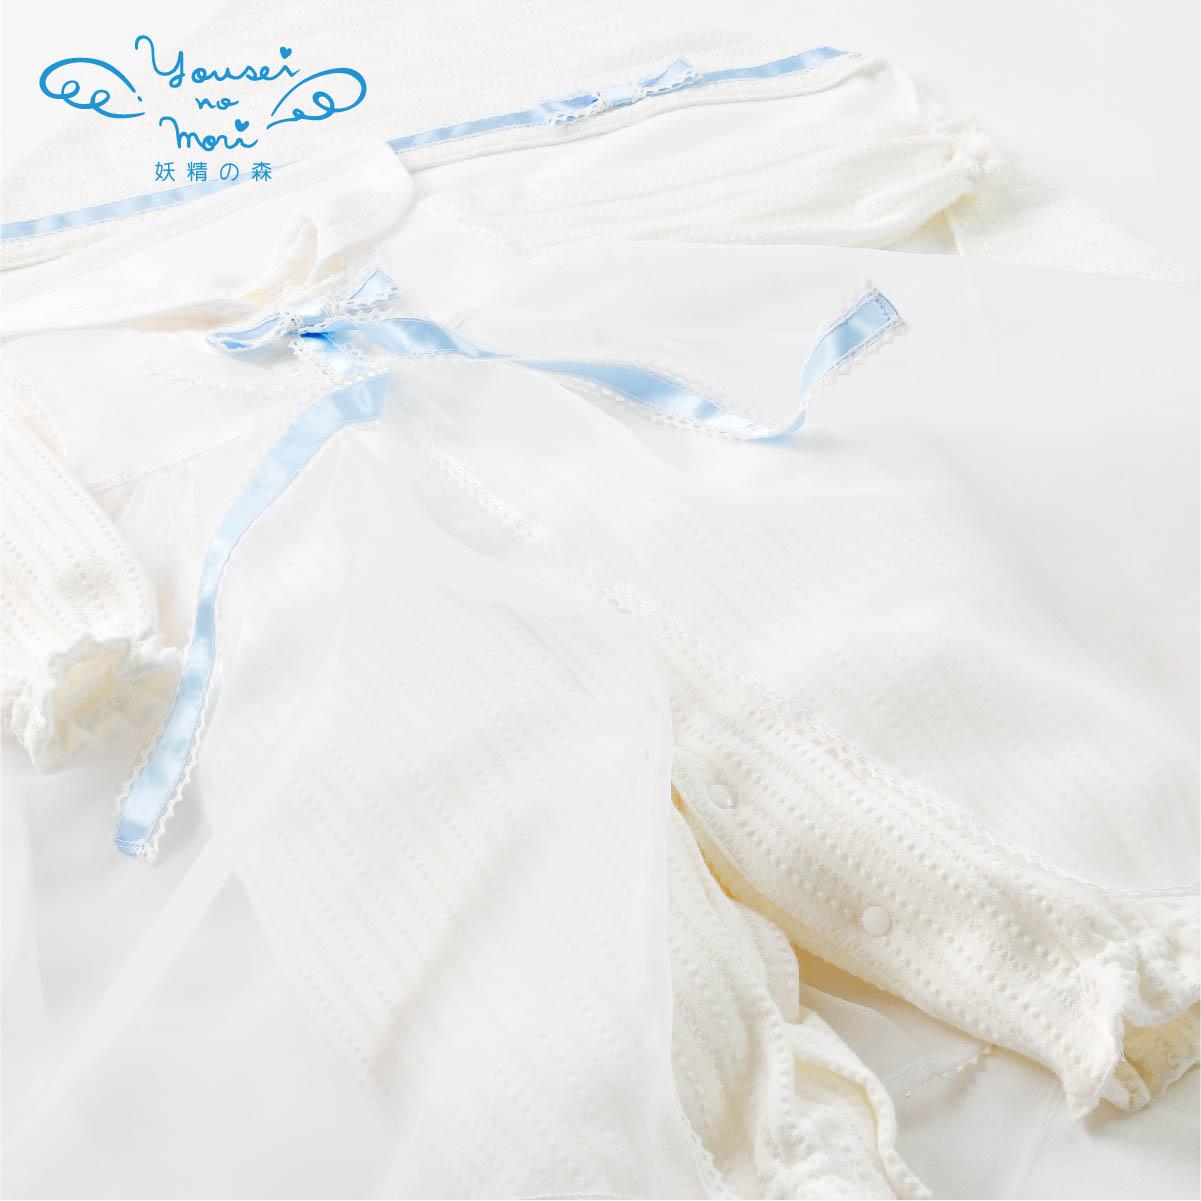 レーシーニットのセレモニードレスセット YC028(ベビー服)